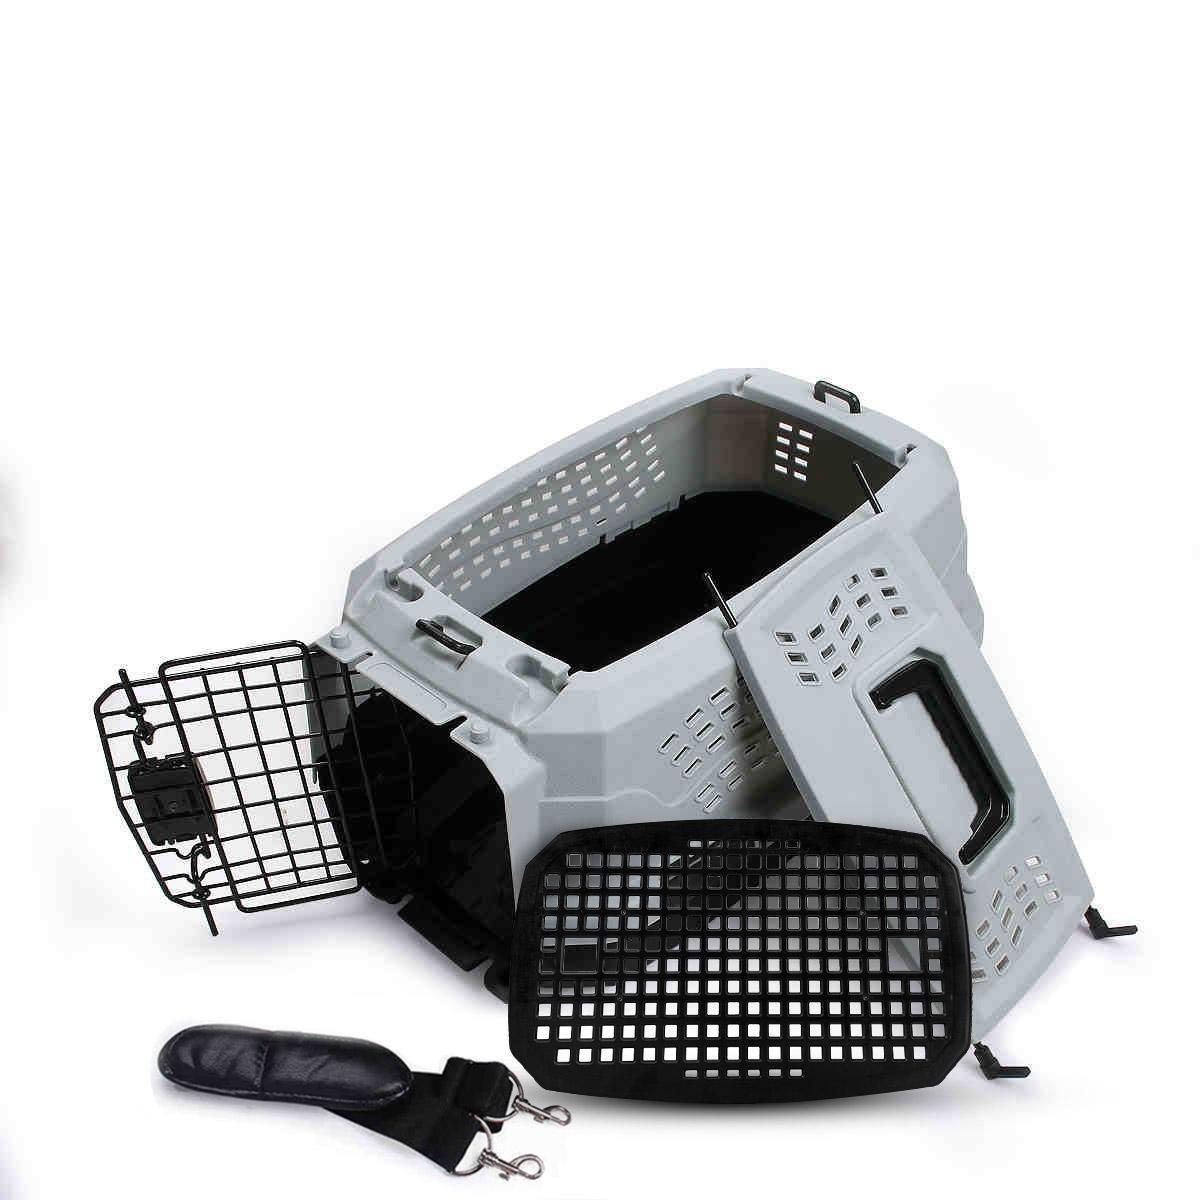 xueyan Caja de aire del perro de la caja de aire del gato de los gatos de la caja de peluche, m-5837.533cm, a